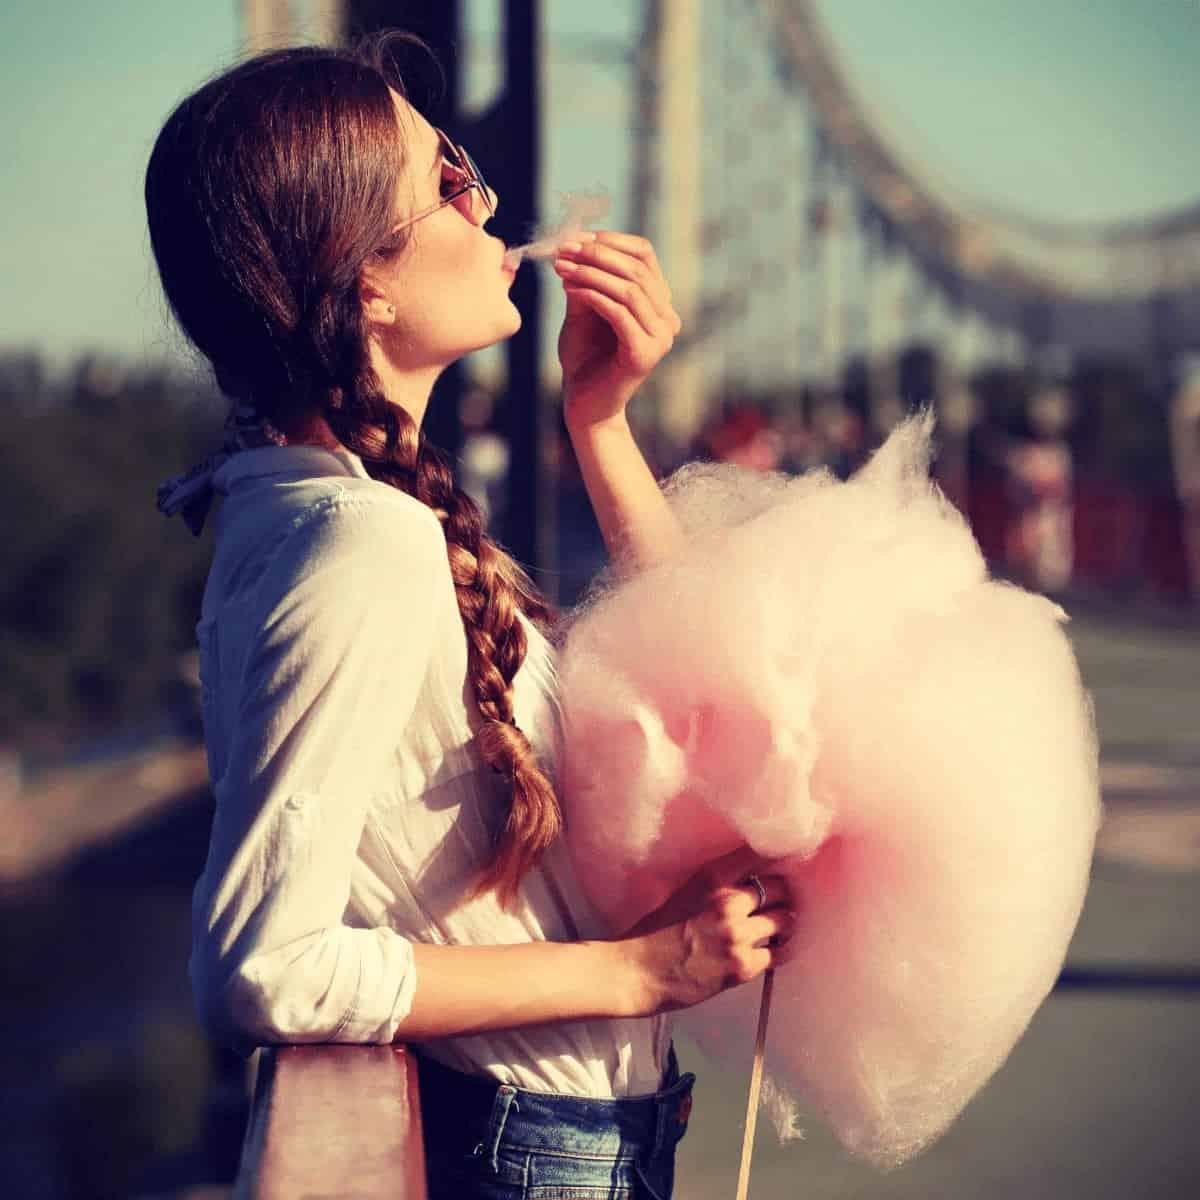 Mujer joven hipster comiendo algodon de azucar en un puente